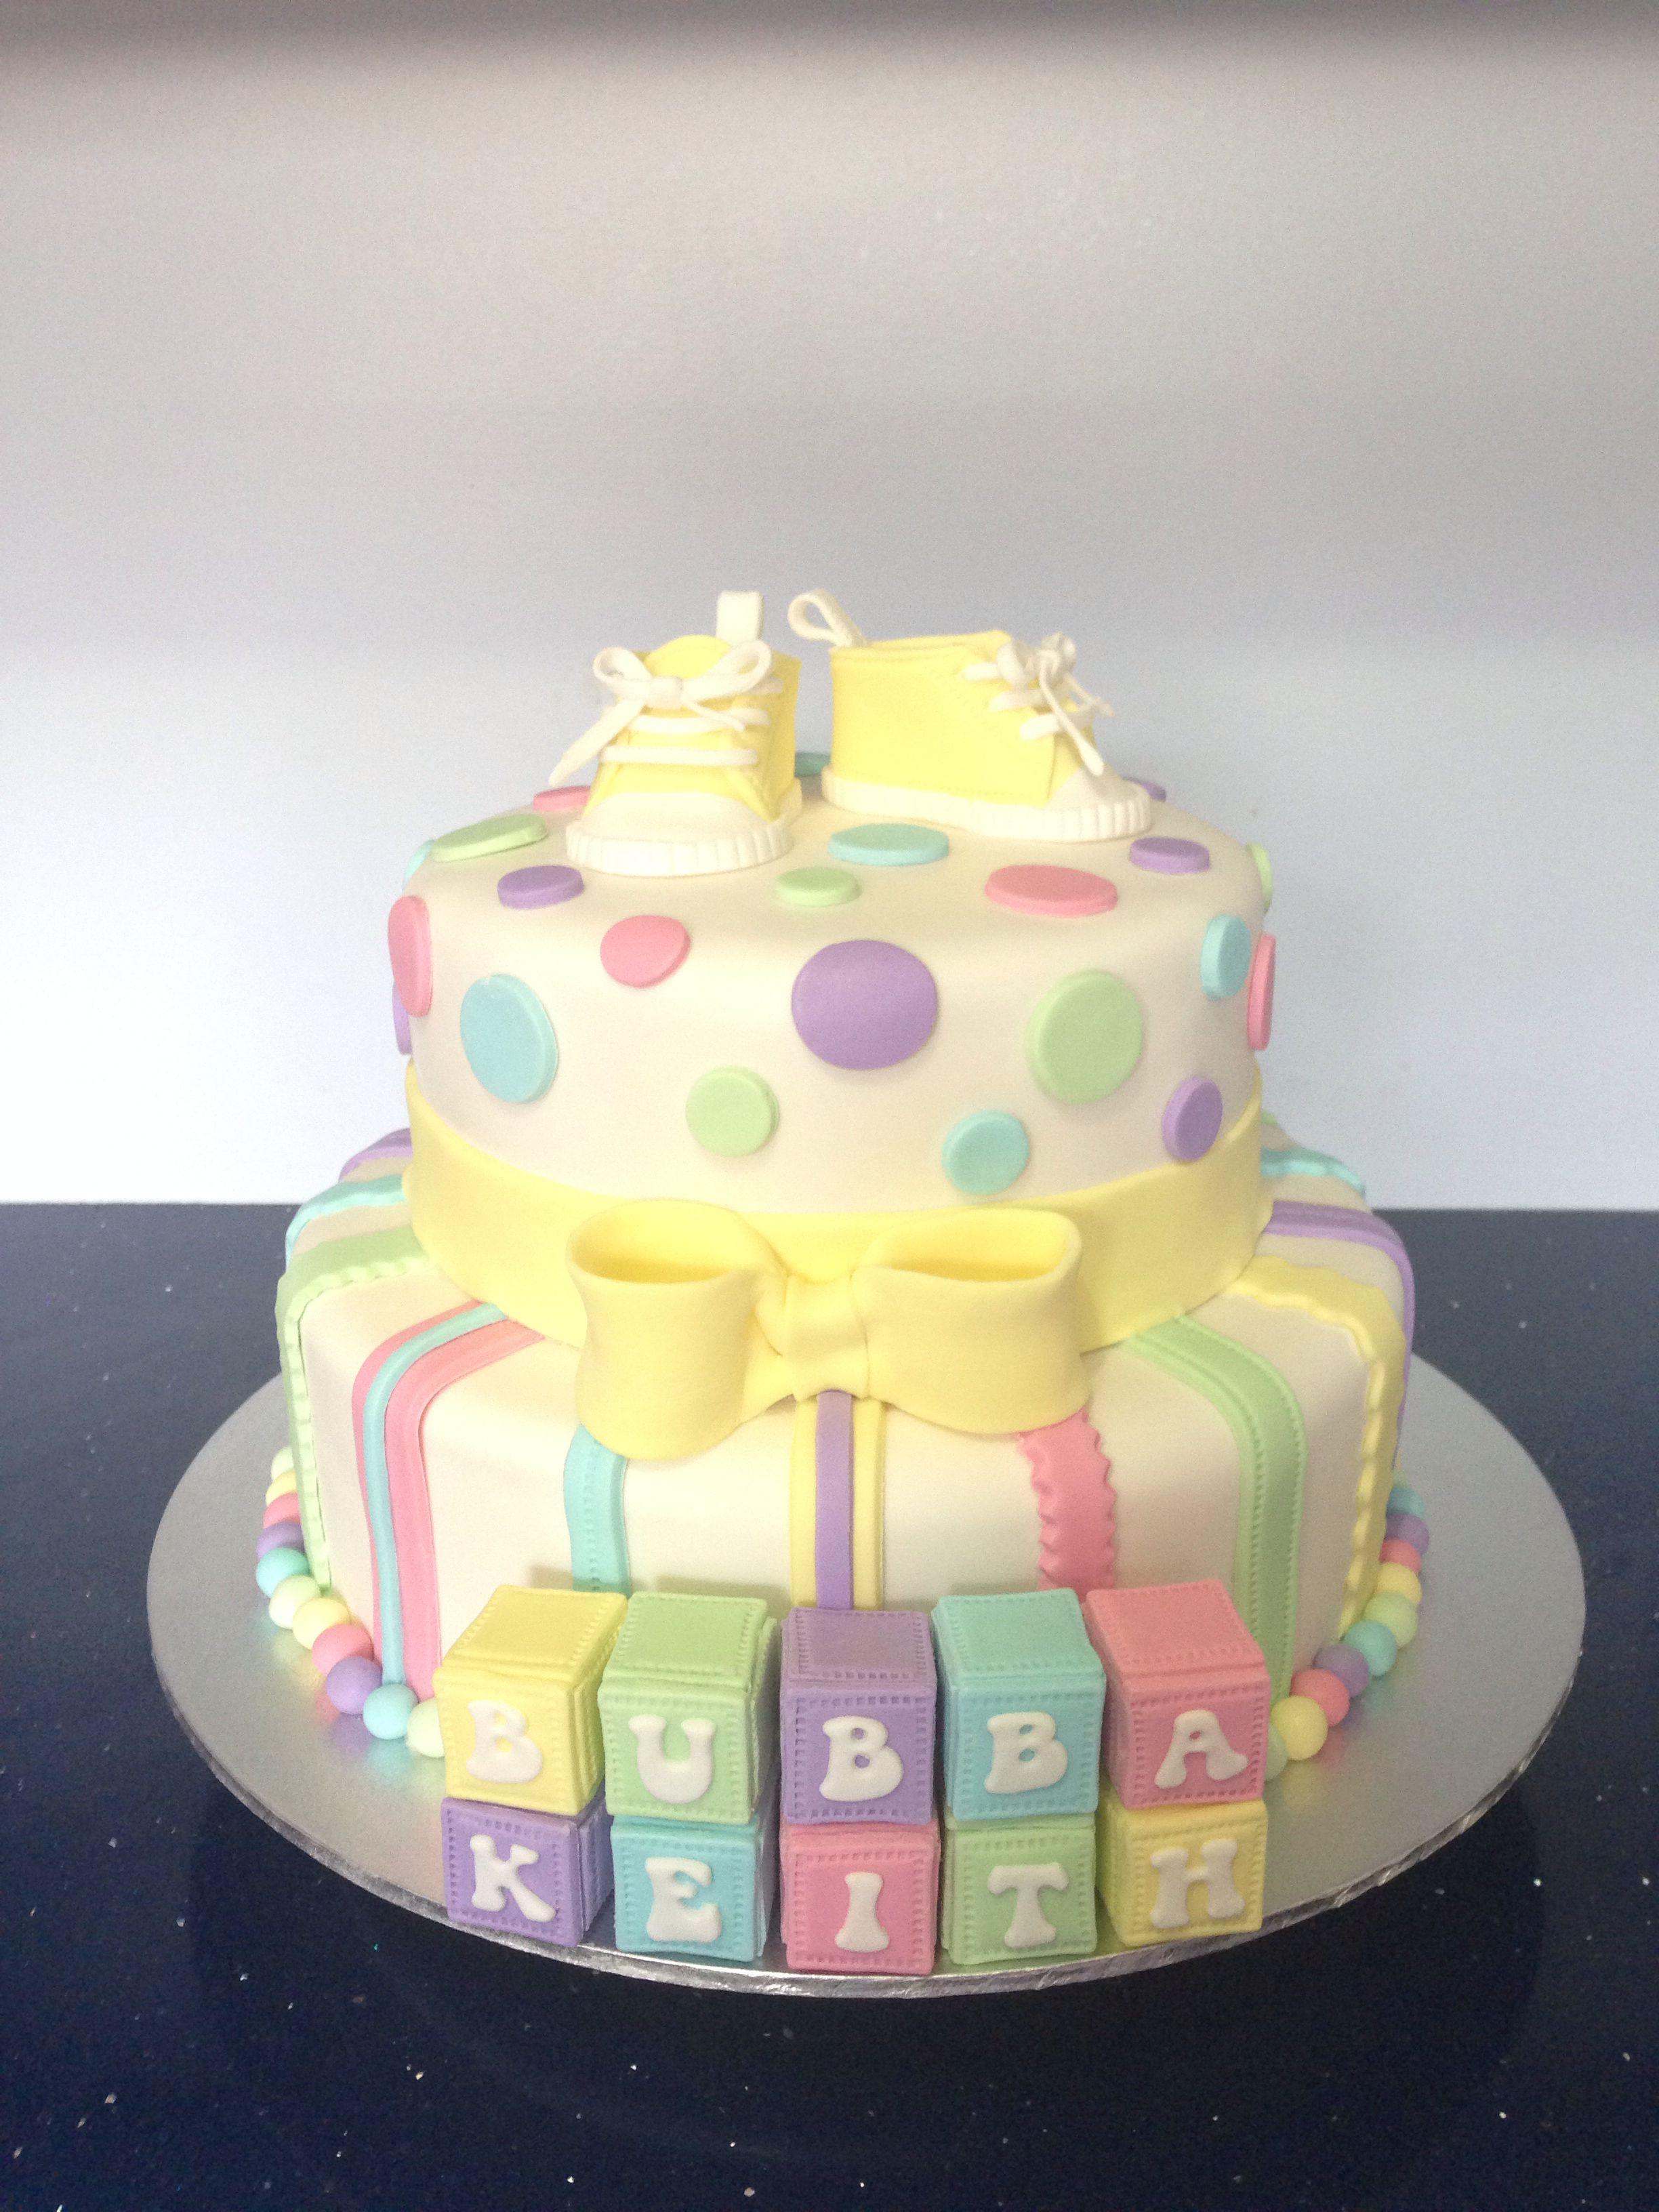 Baby Shower Cake Babyshowercake Unisex Cake Cake Decorating In